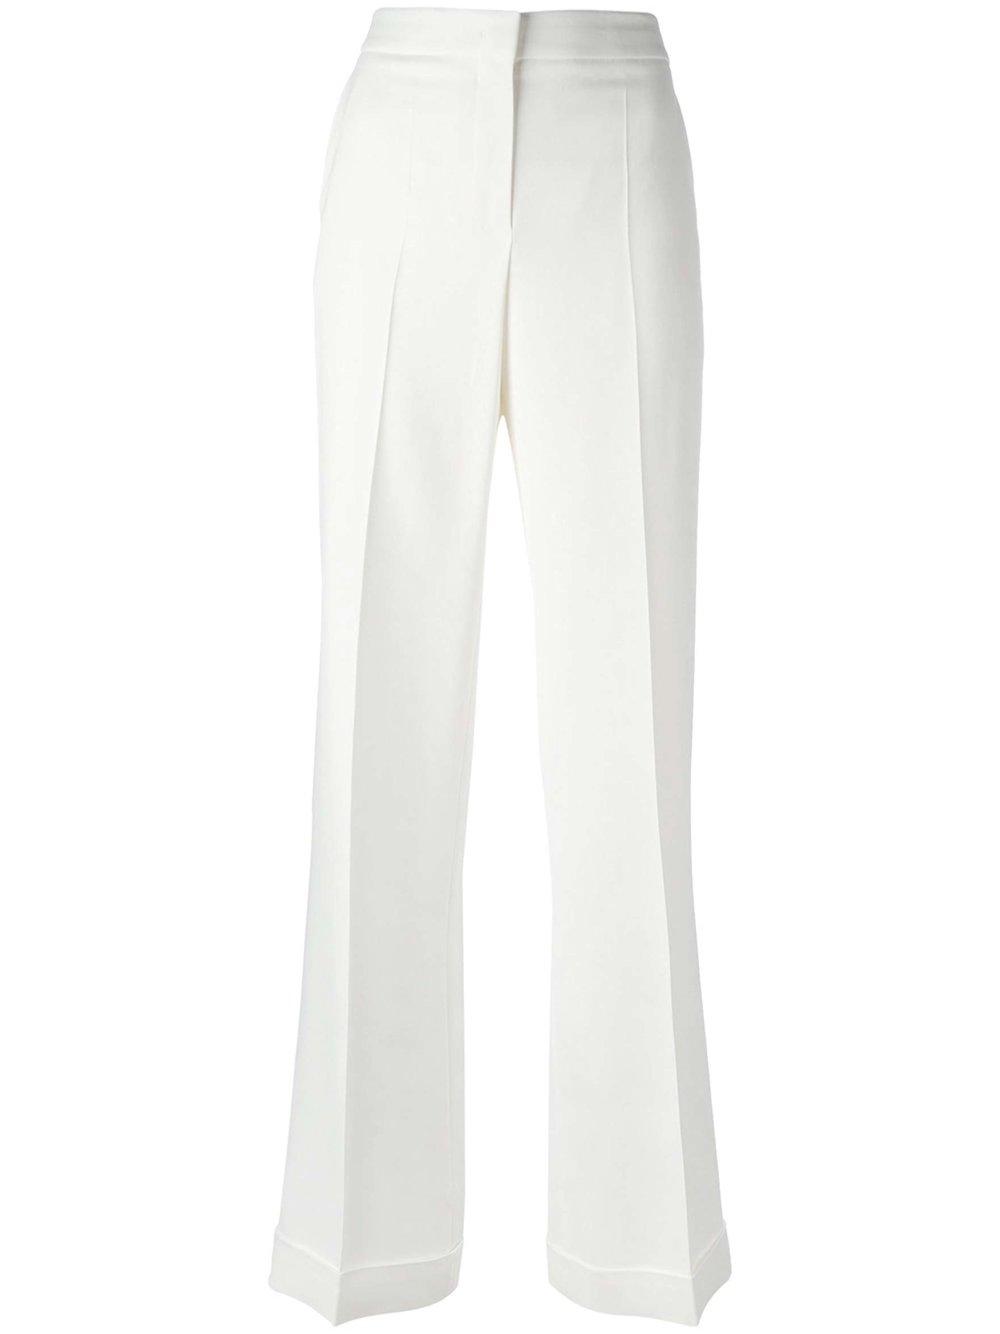 Wide-Leg Trousers by Alberta Ferretti $1,194 阿爾伯特.菲爾蒂寬腿褲